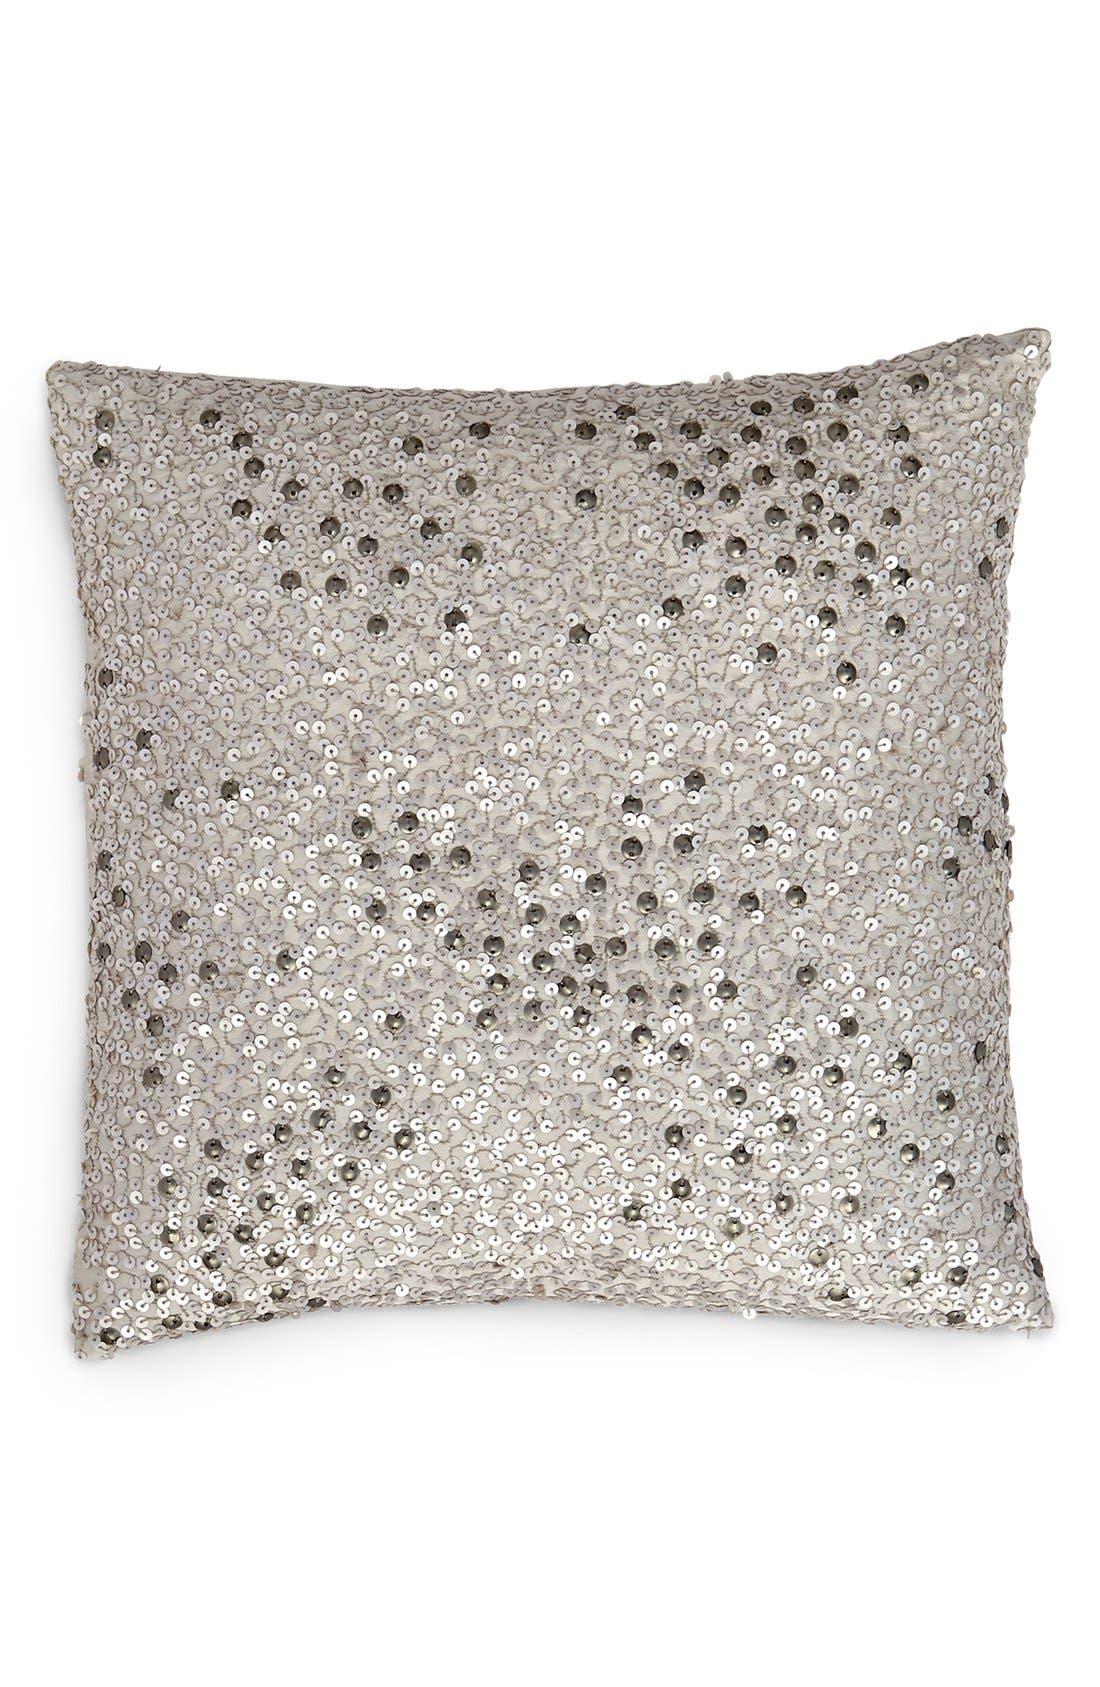 Donna Karan Collection 'Reflection' Sequin Pillow,                             Main thumbnail 1, color,                             SILVER